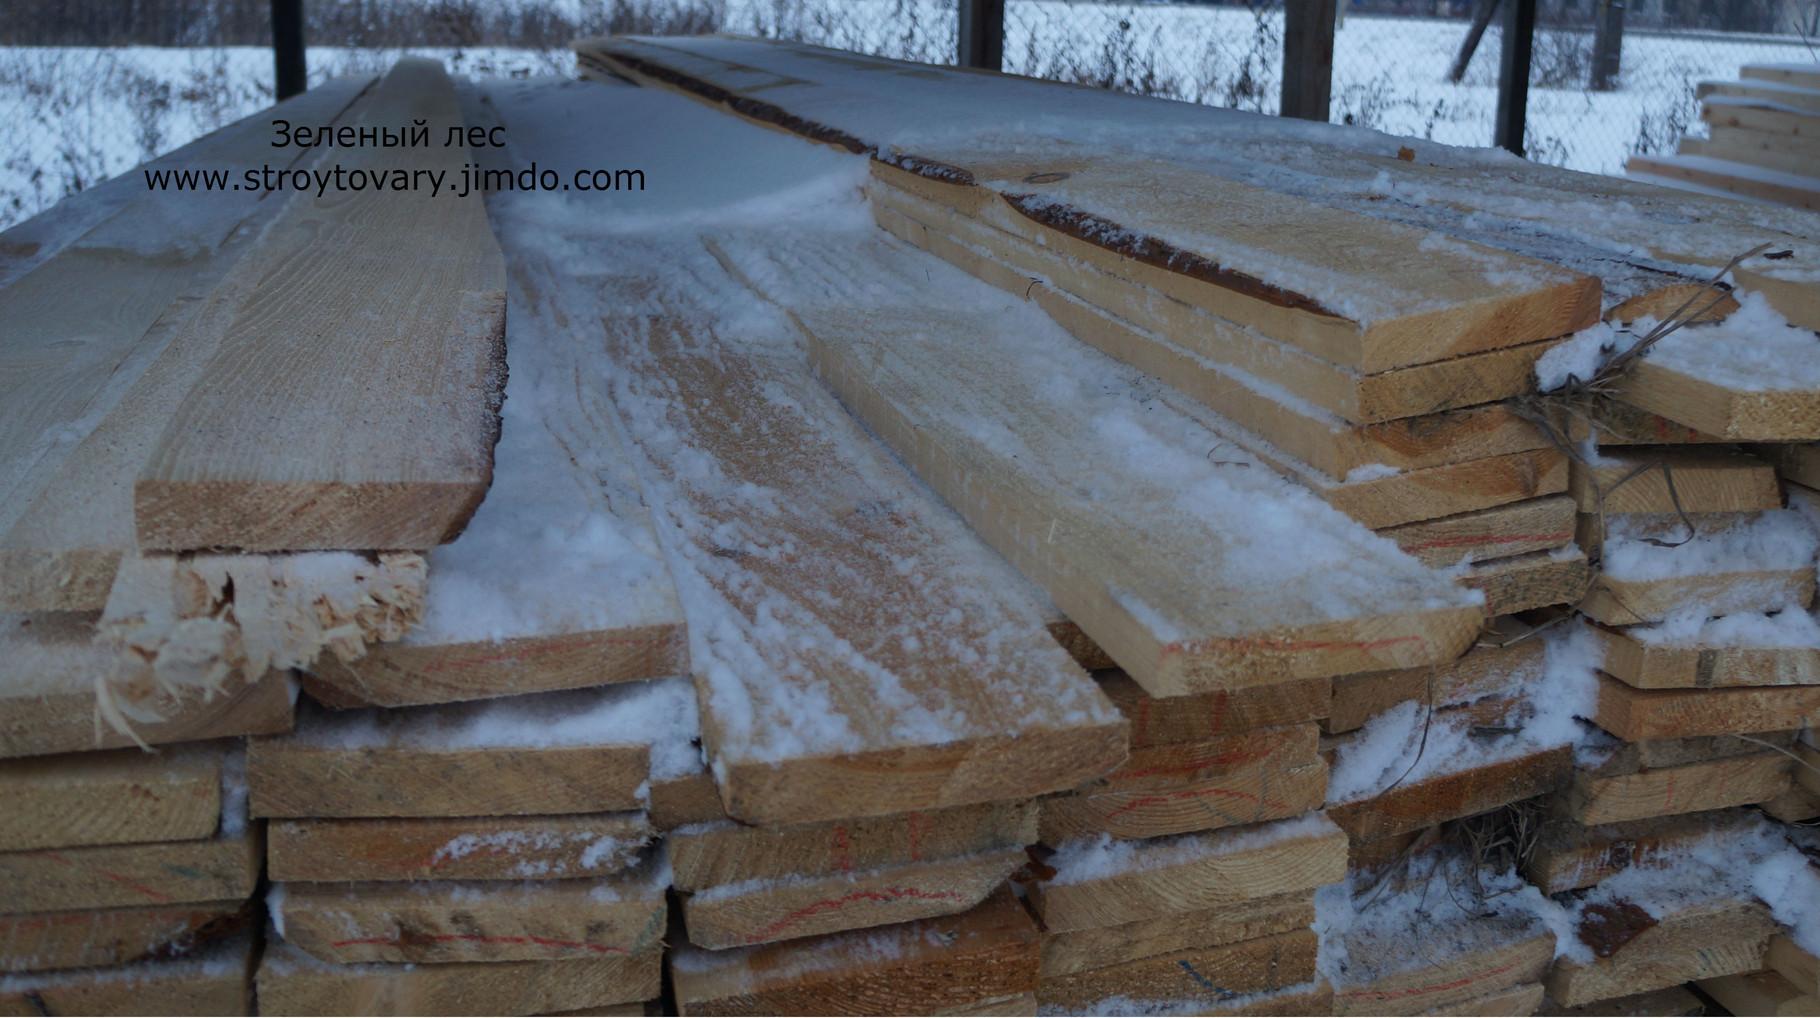 Зимний лес купить в Рязани